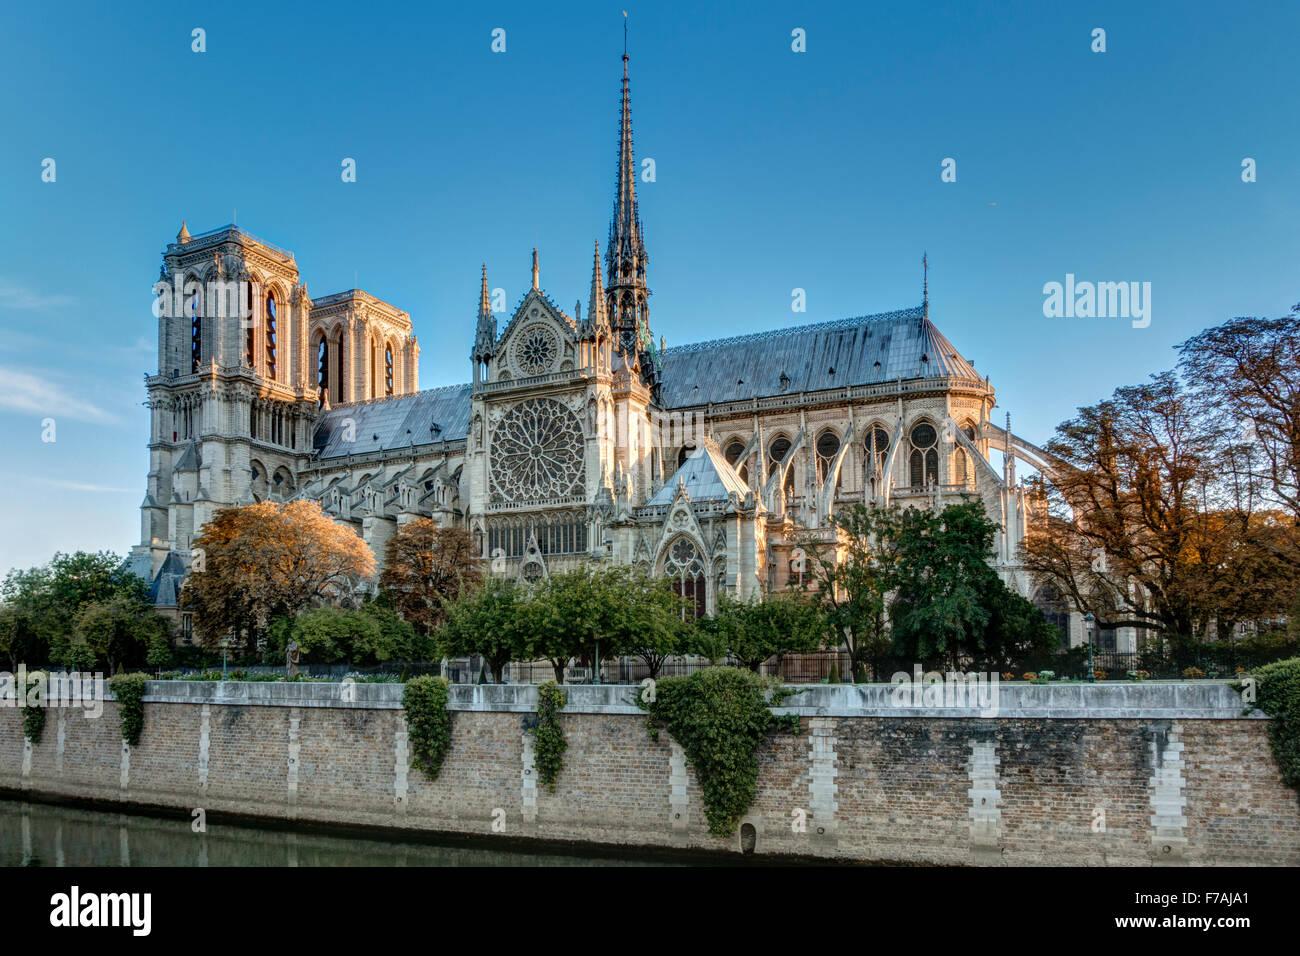 Notre Dame, Paris France - Stock Image